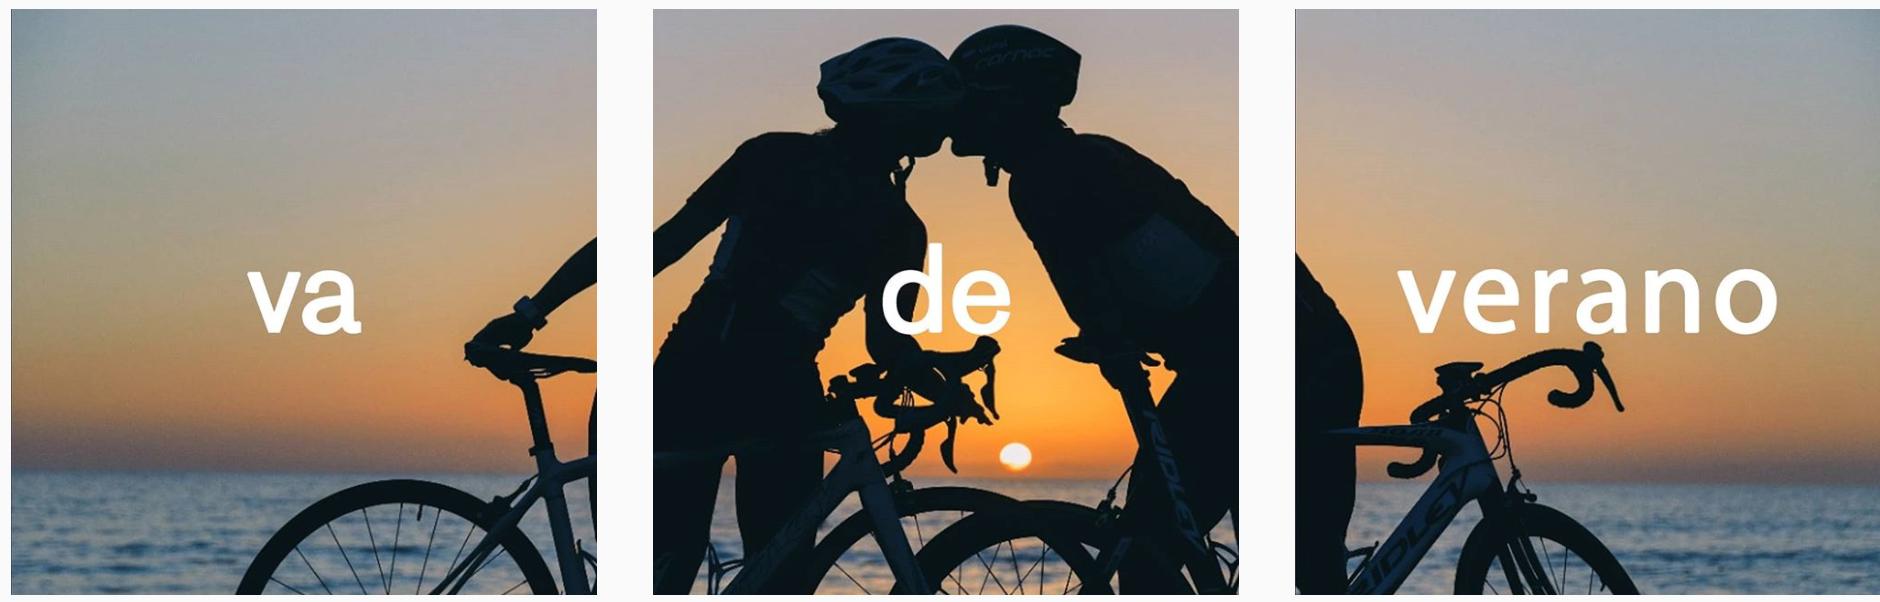 vadeBike facilita aparcar bicicletas y patinetes de manera segura cerca de la playa